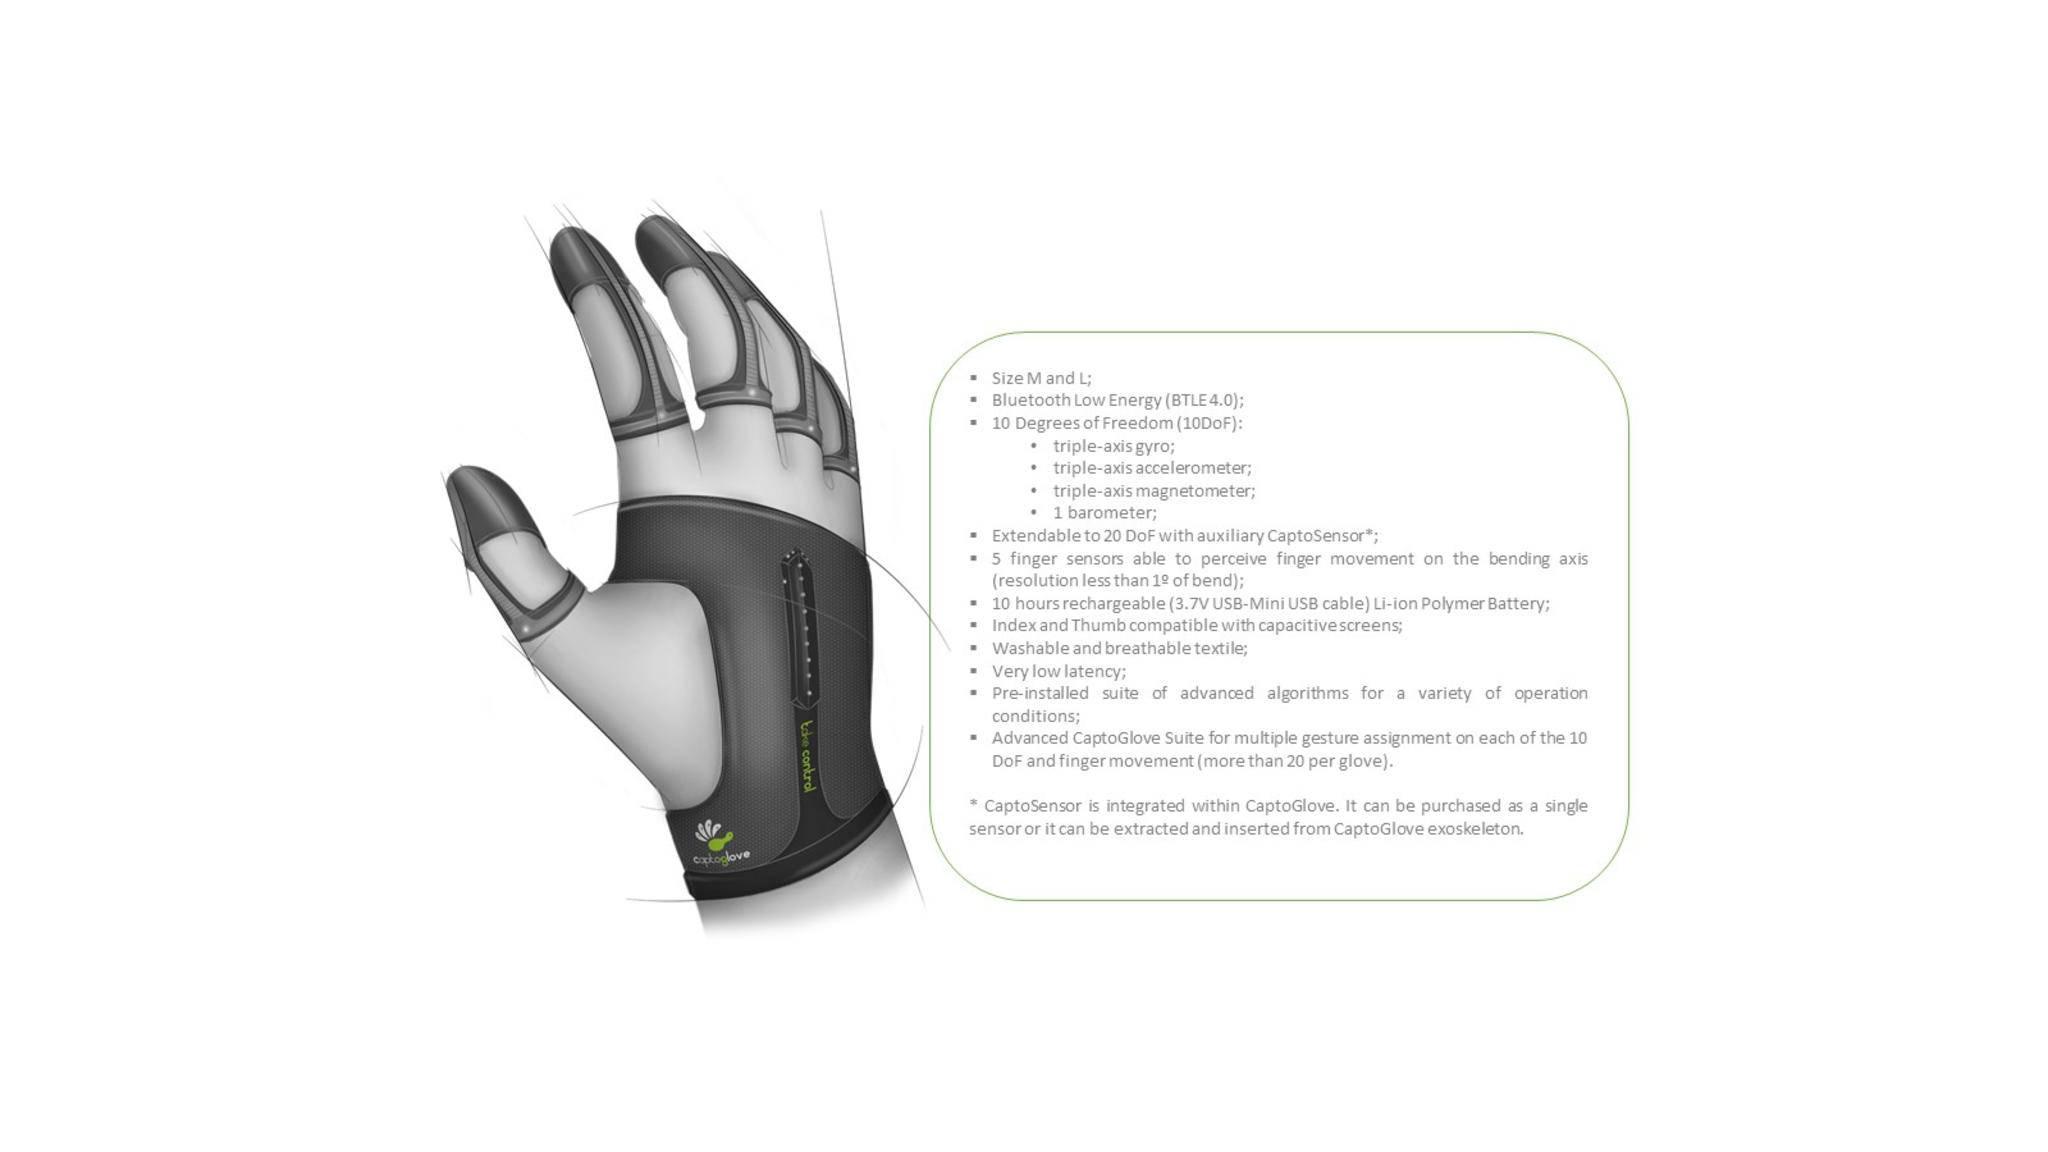 Der Handschuh CaptoGlove ist mit vielen technischen Finessen ausgestattet, die ...